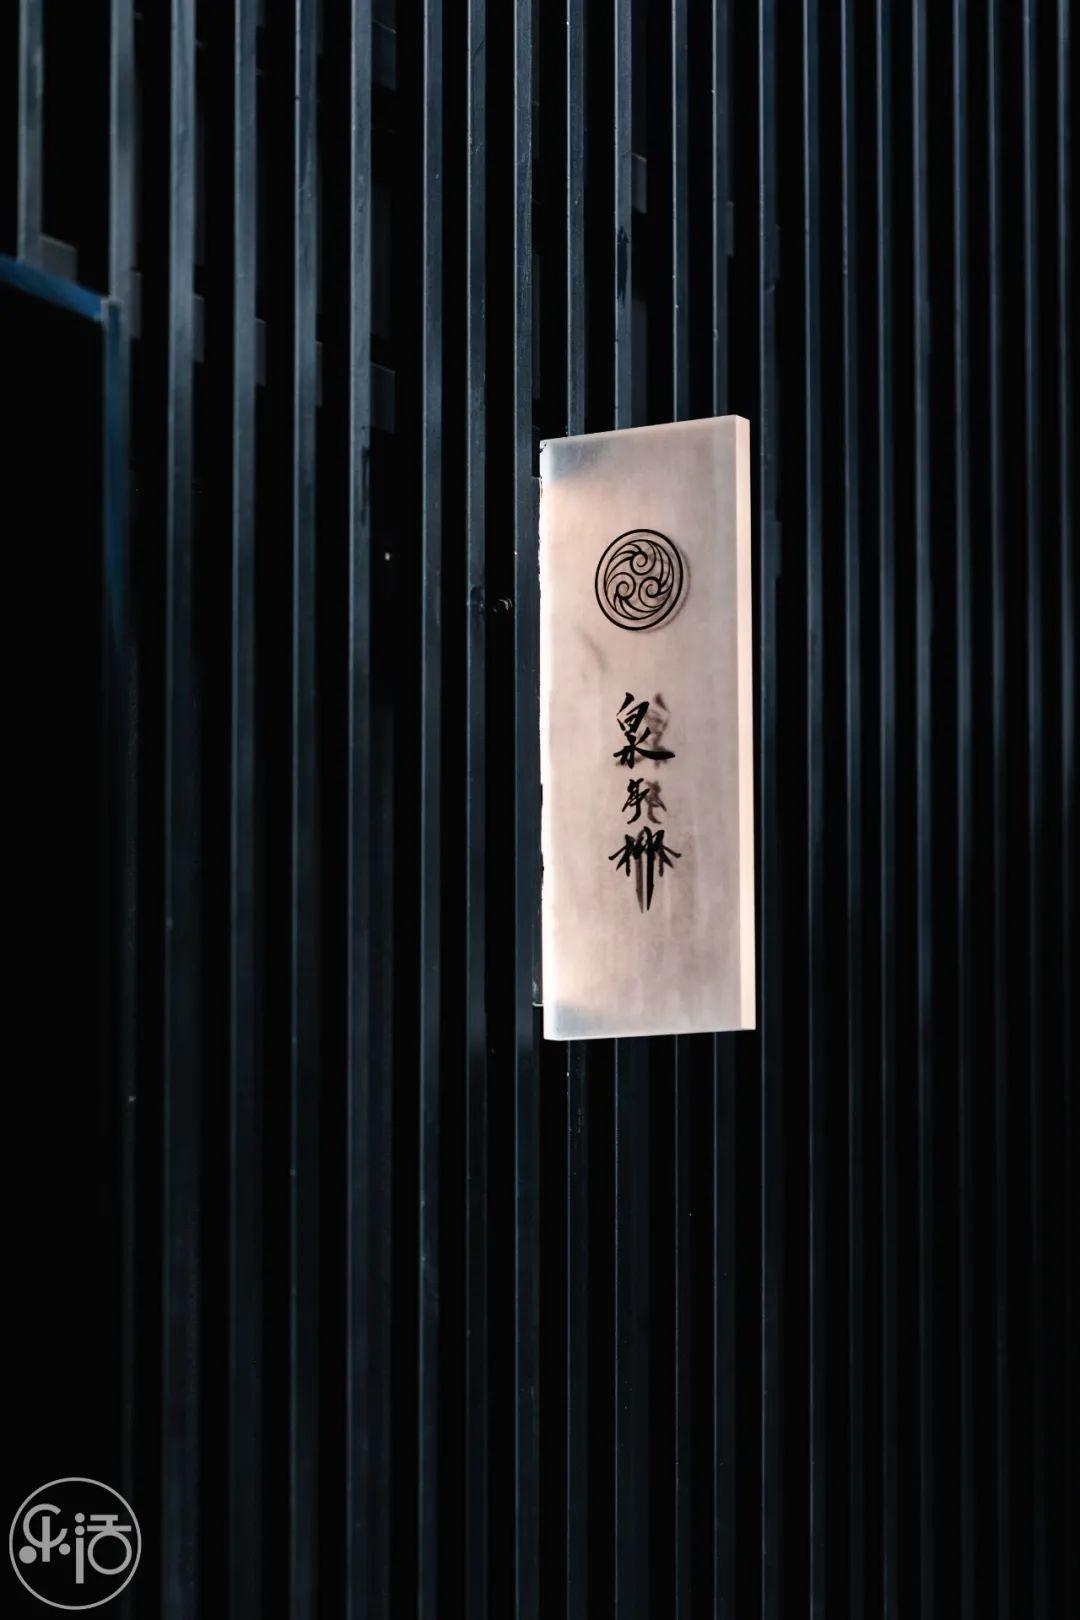 全杭州Zui大的会席料理店来袭!人均600元就能体验到的Top级日料,来自日本饮食文化的上等名流之选!(图7)